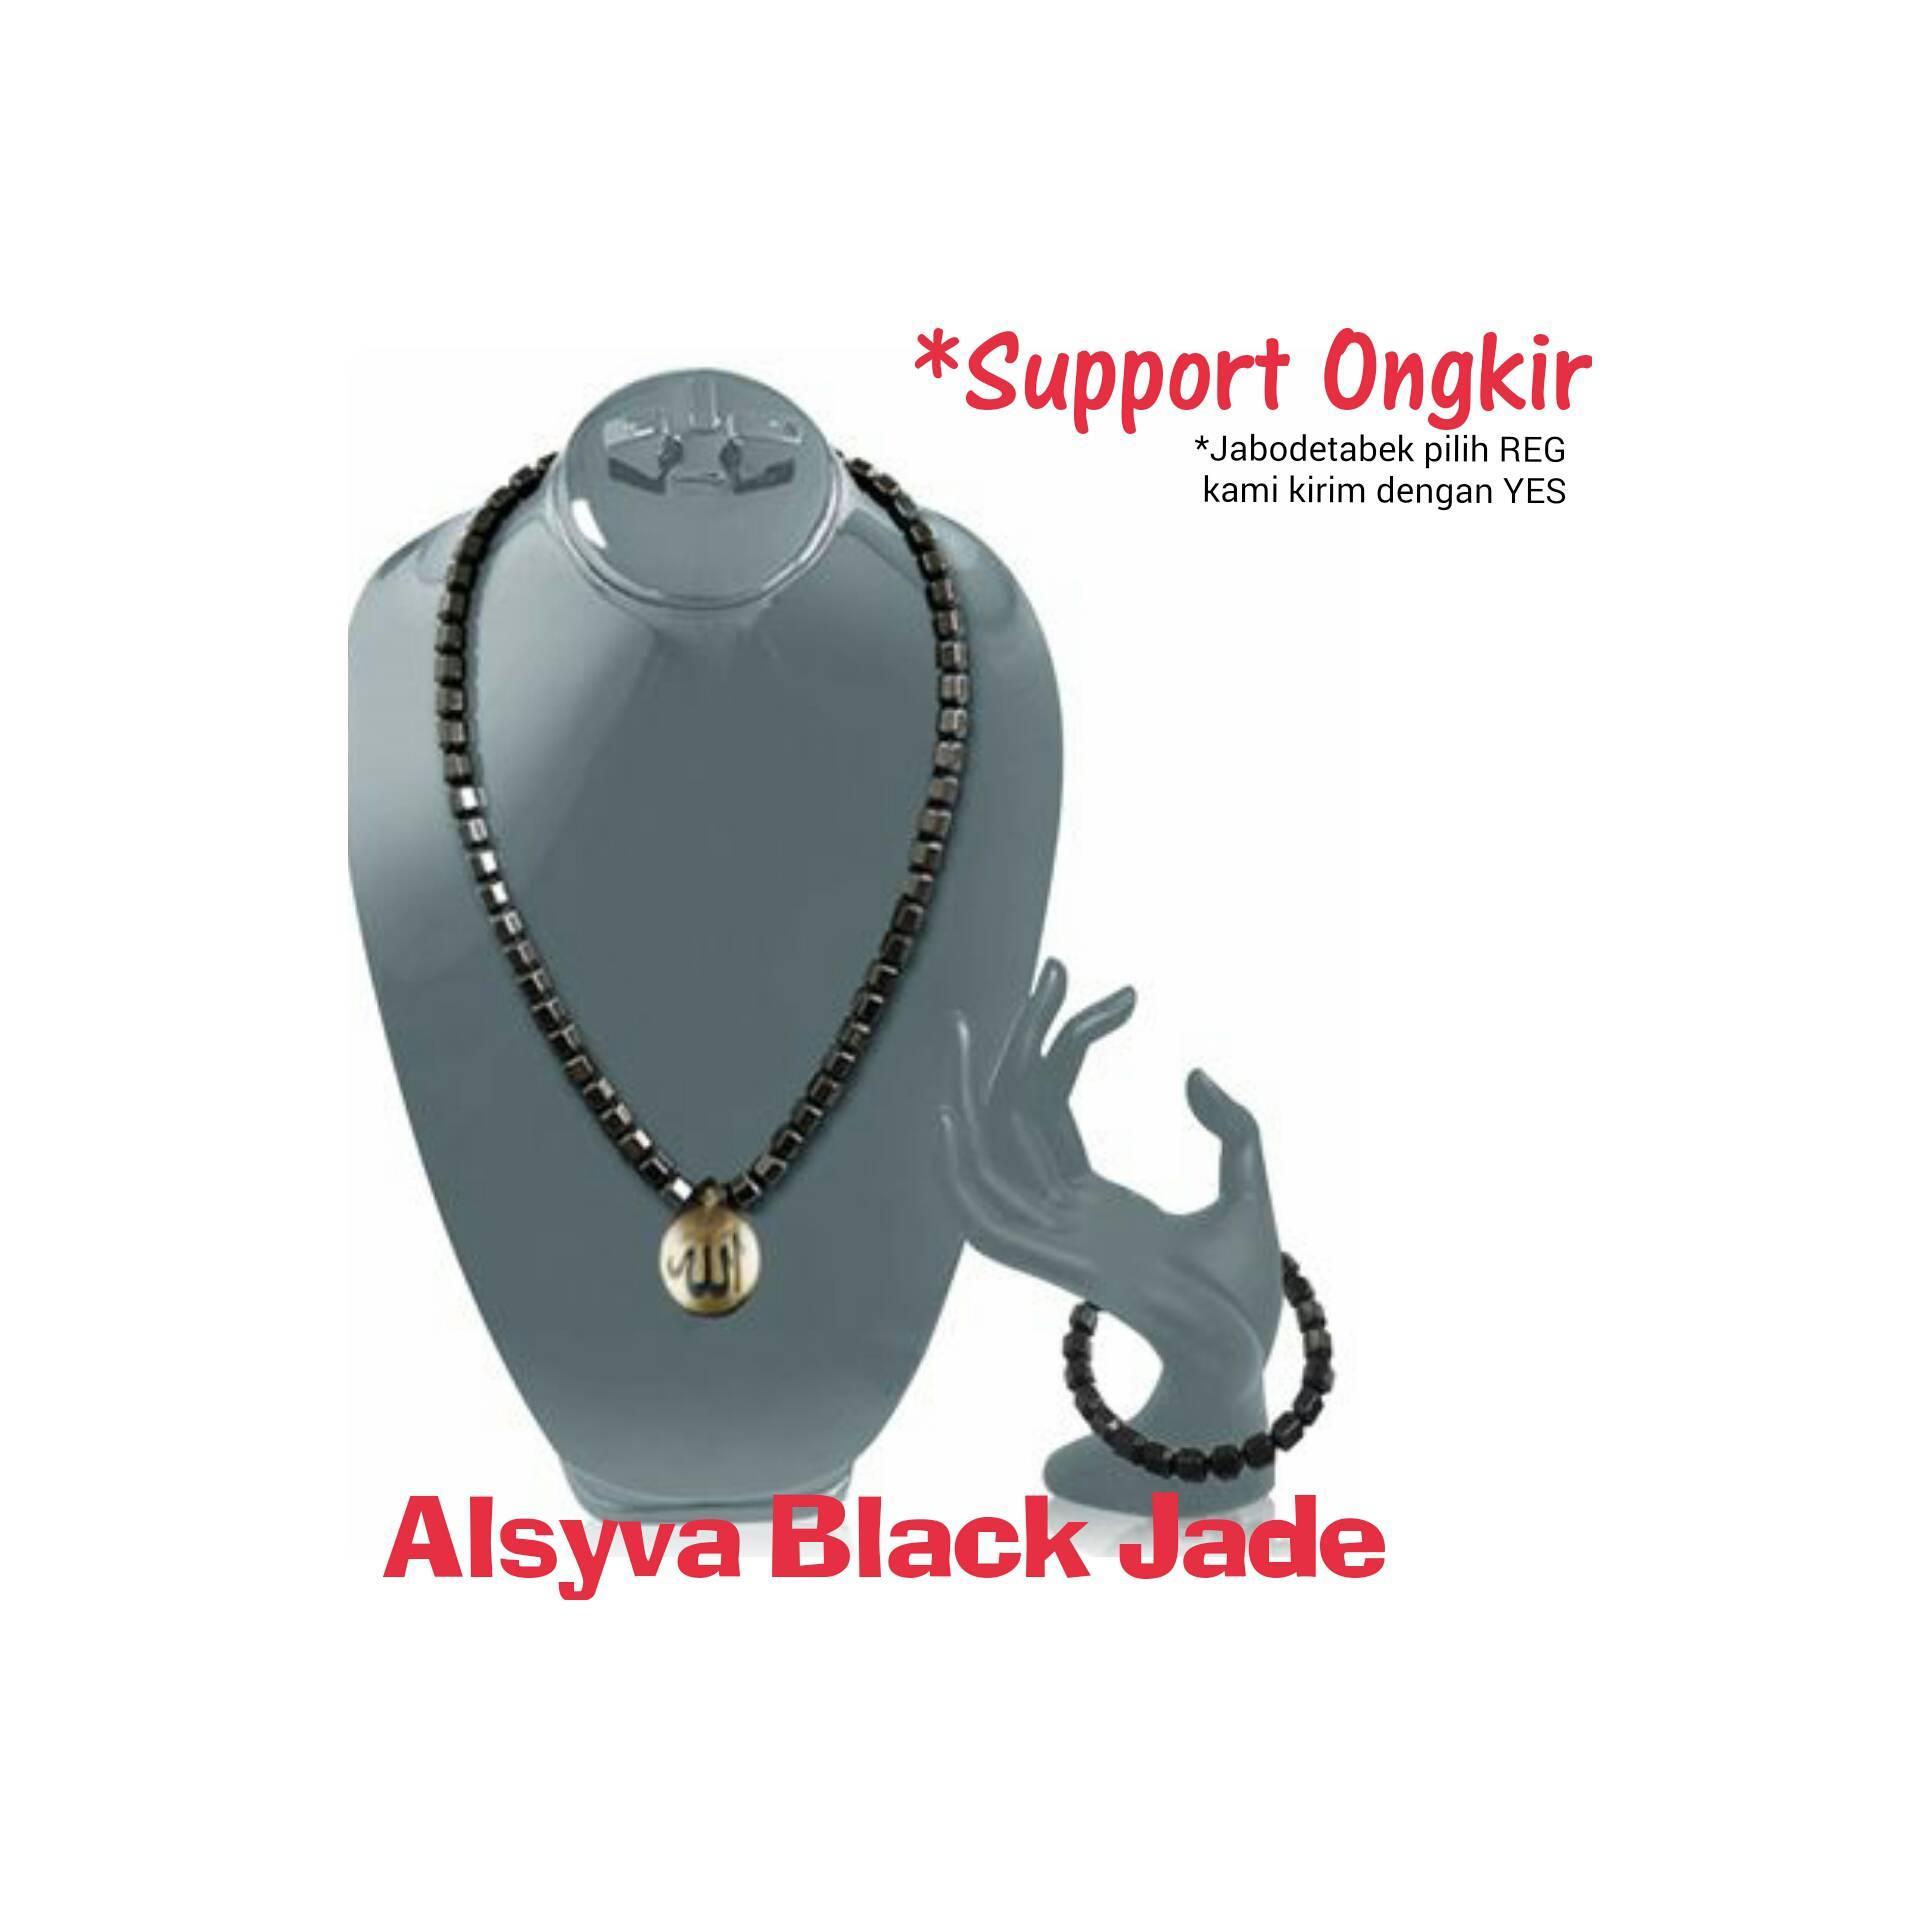 Alsyva Black Jade ( Kalung dan Gelang Alsyva)